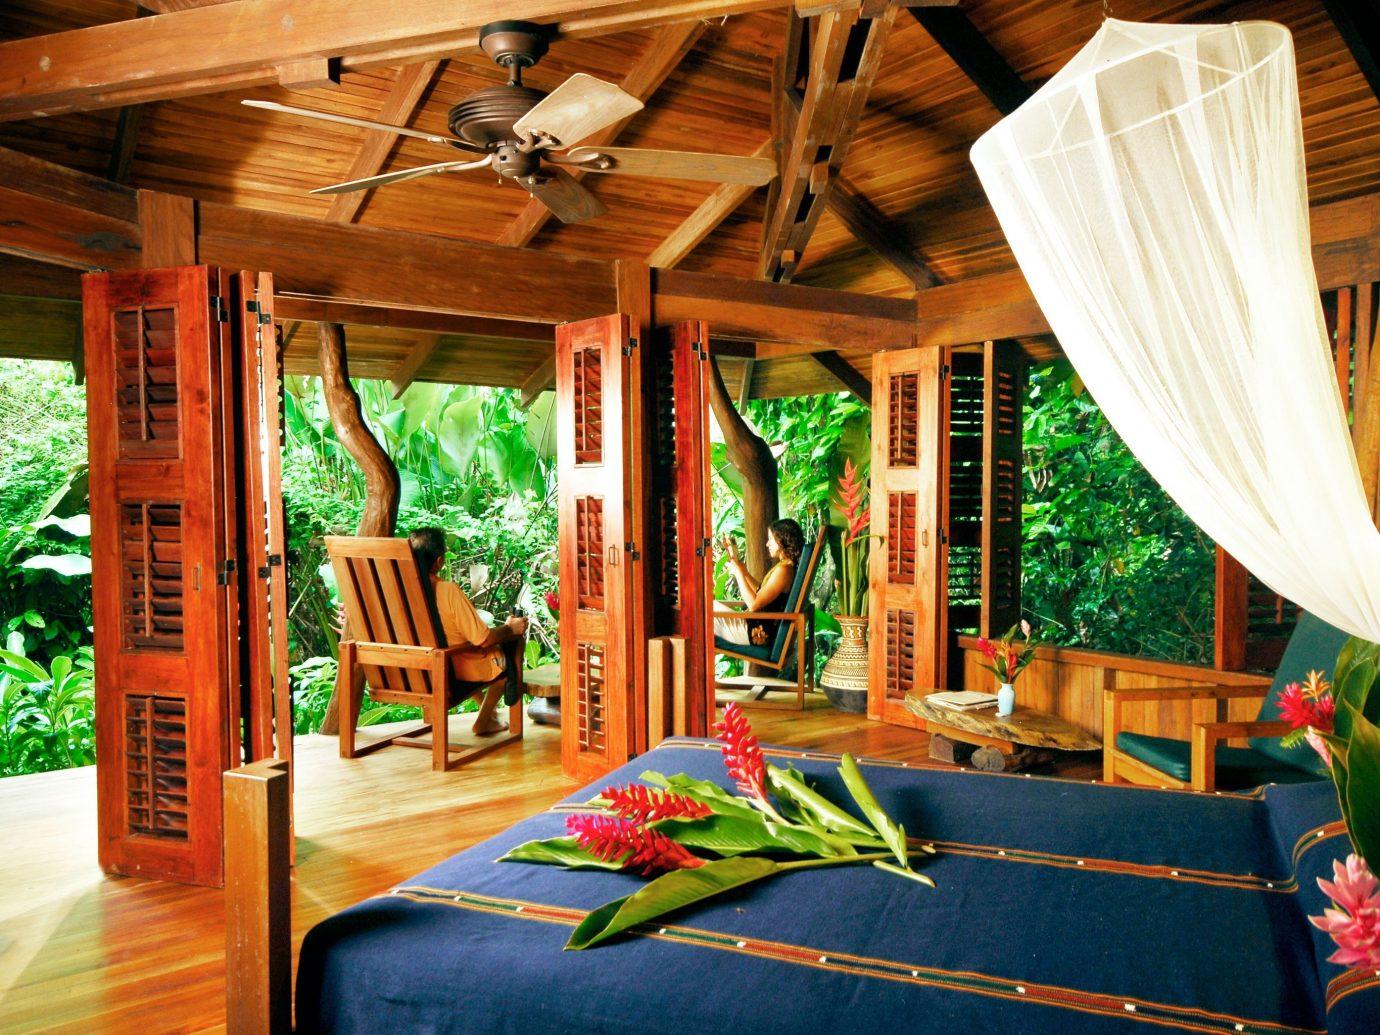 Hotels indoor leisure room Resort estate interior design furniture decorated